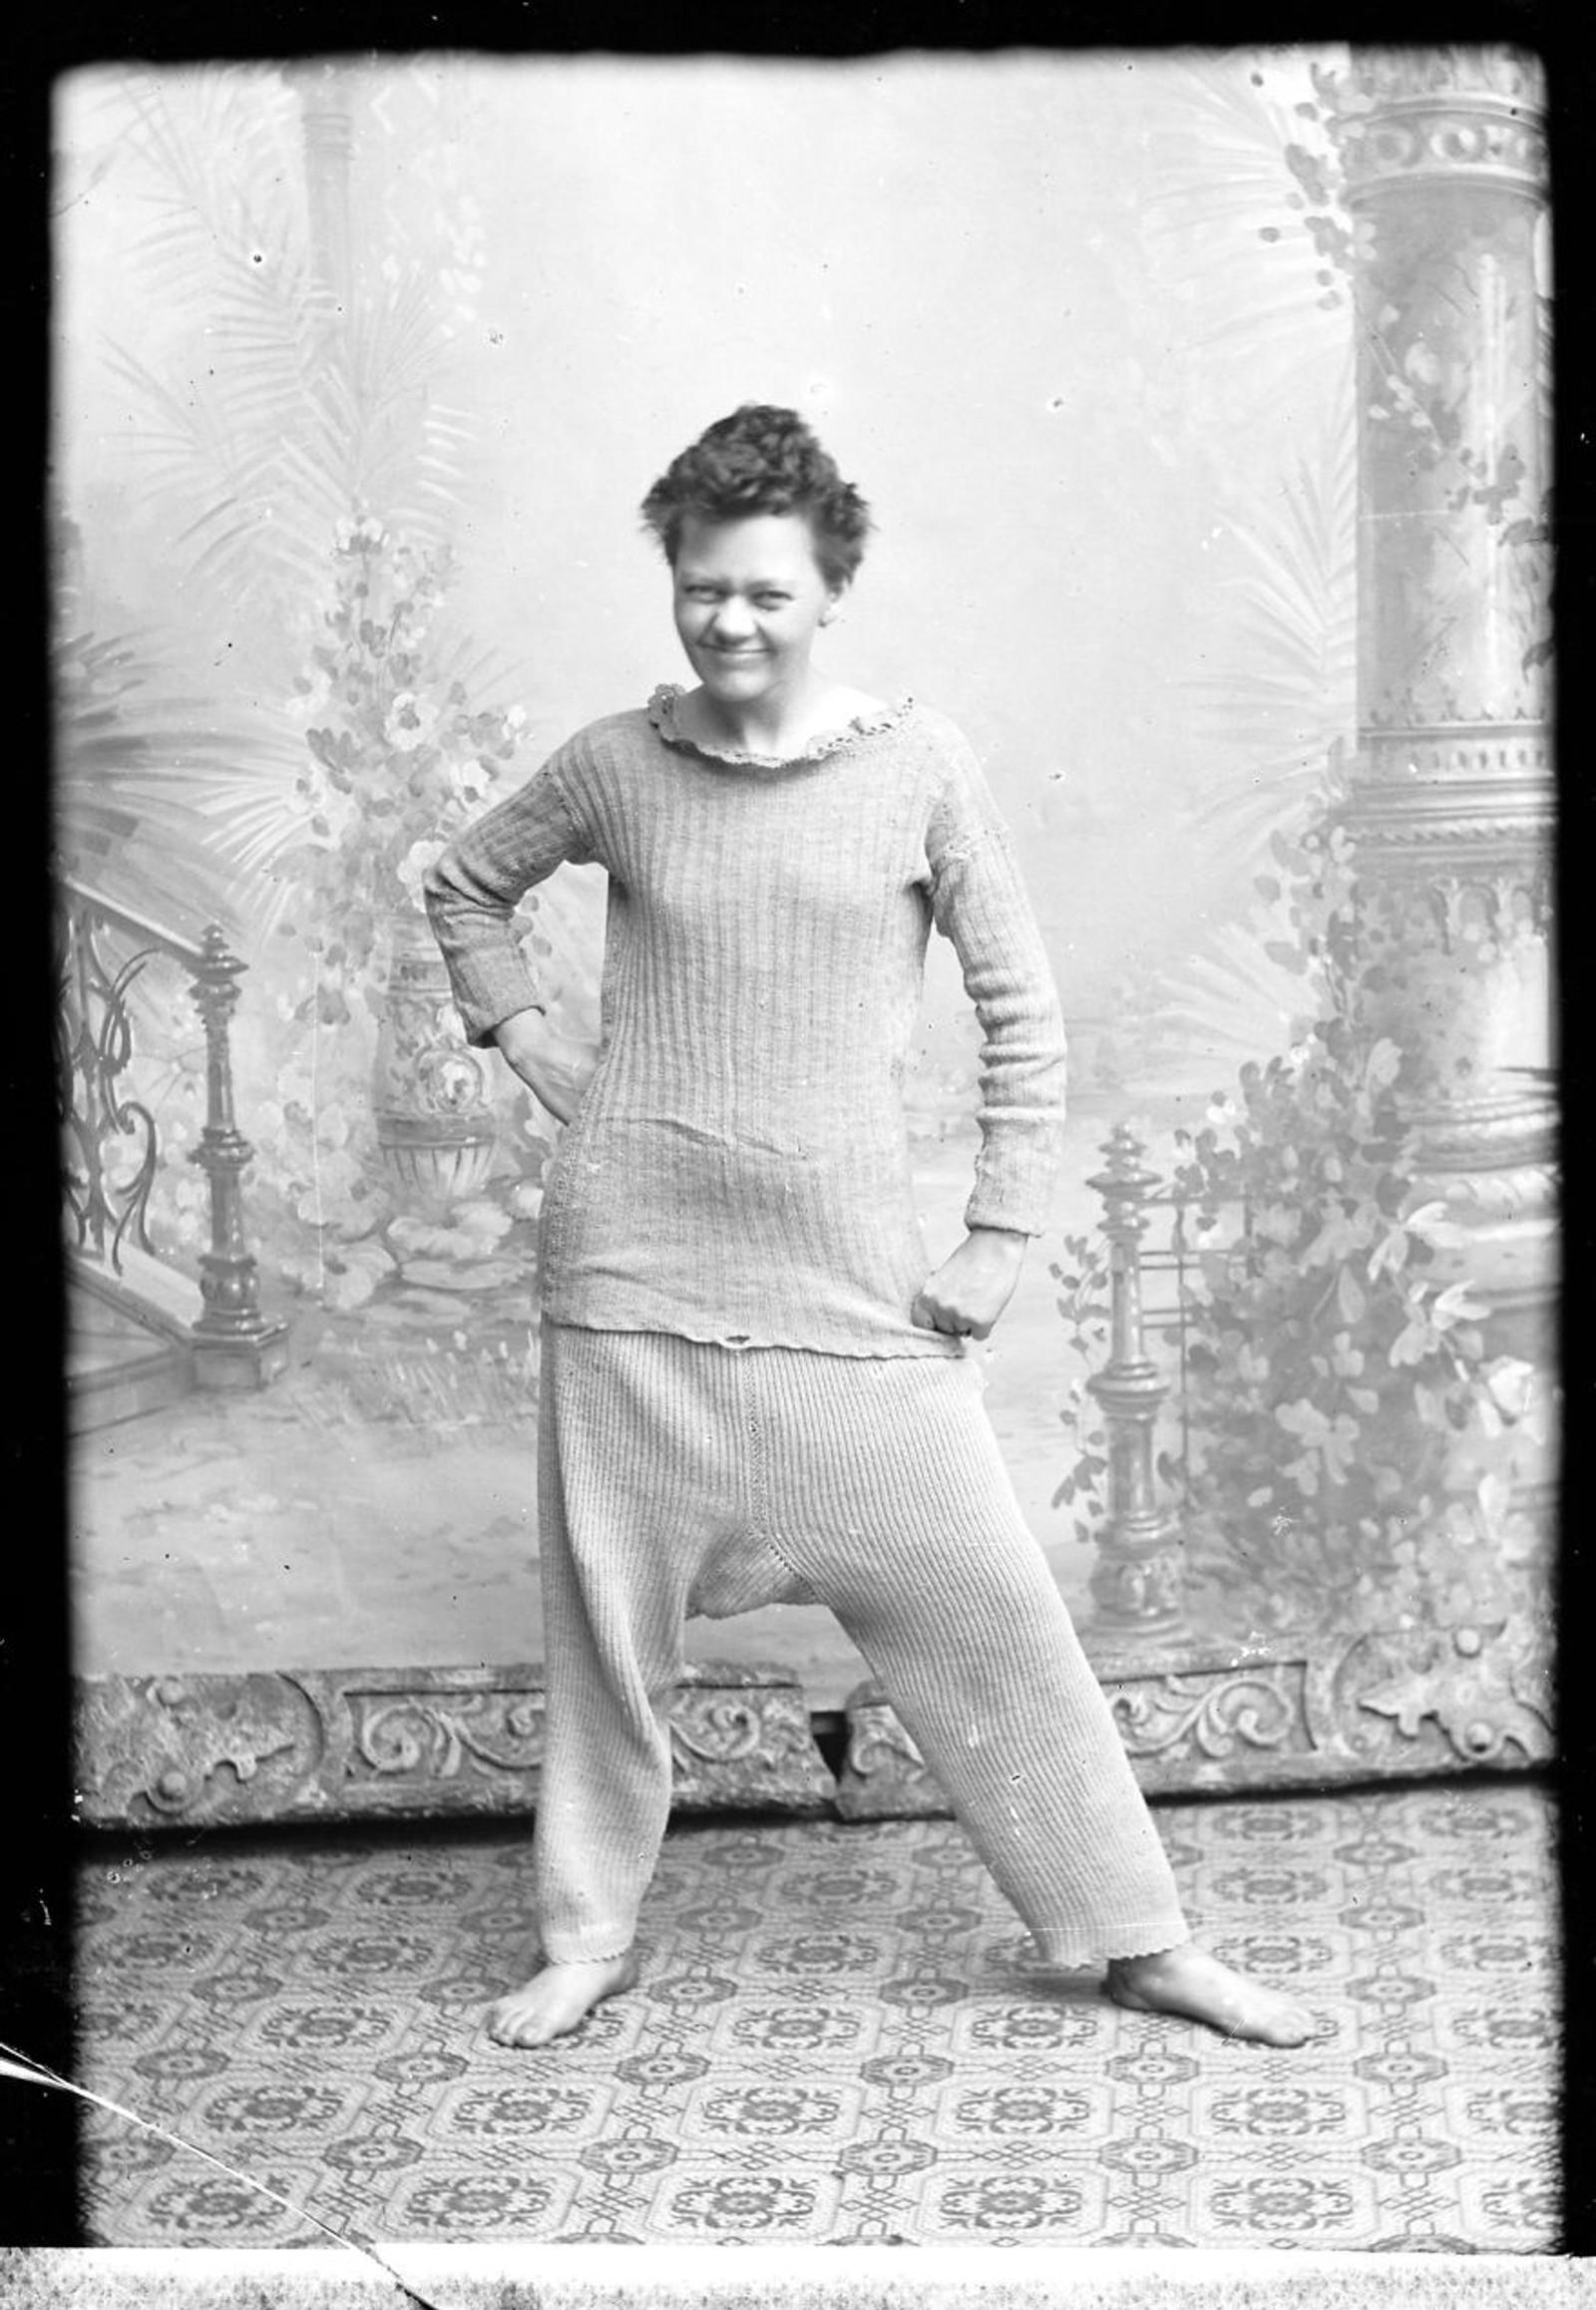 ULLUNDERTØY: Marie Høeg med ullundertøy.